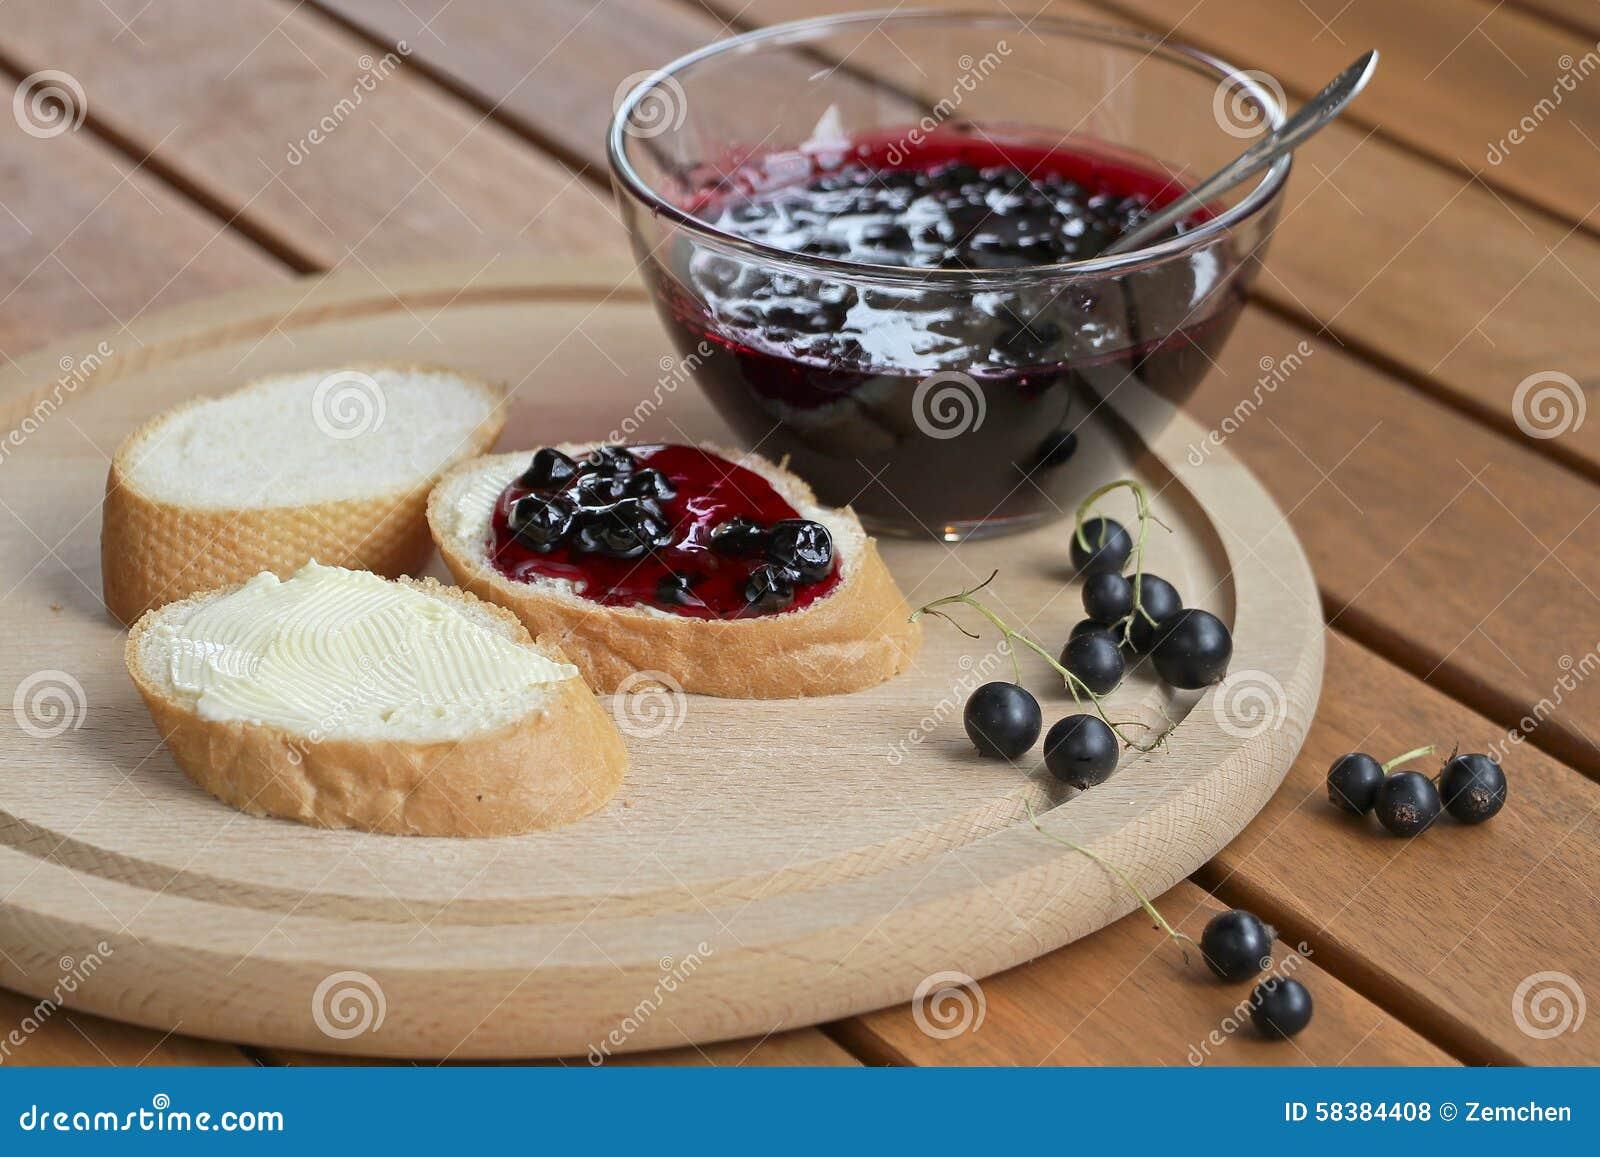 marmelade der schwarzen johannisbeere mit brot und butter stockfoto bild 58384408. Black Bedroom Furniture Sets. Home Design Ideas